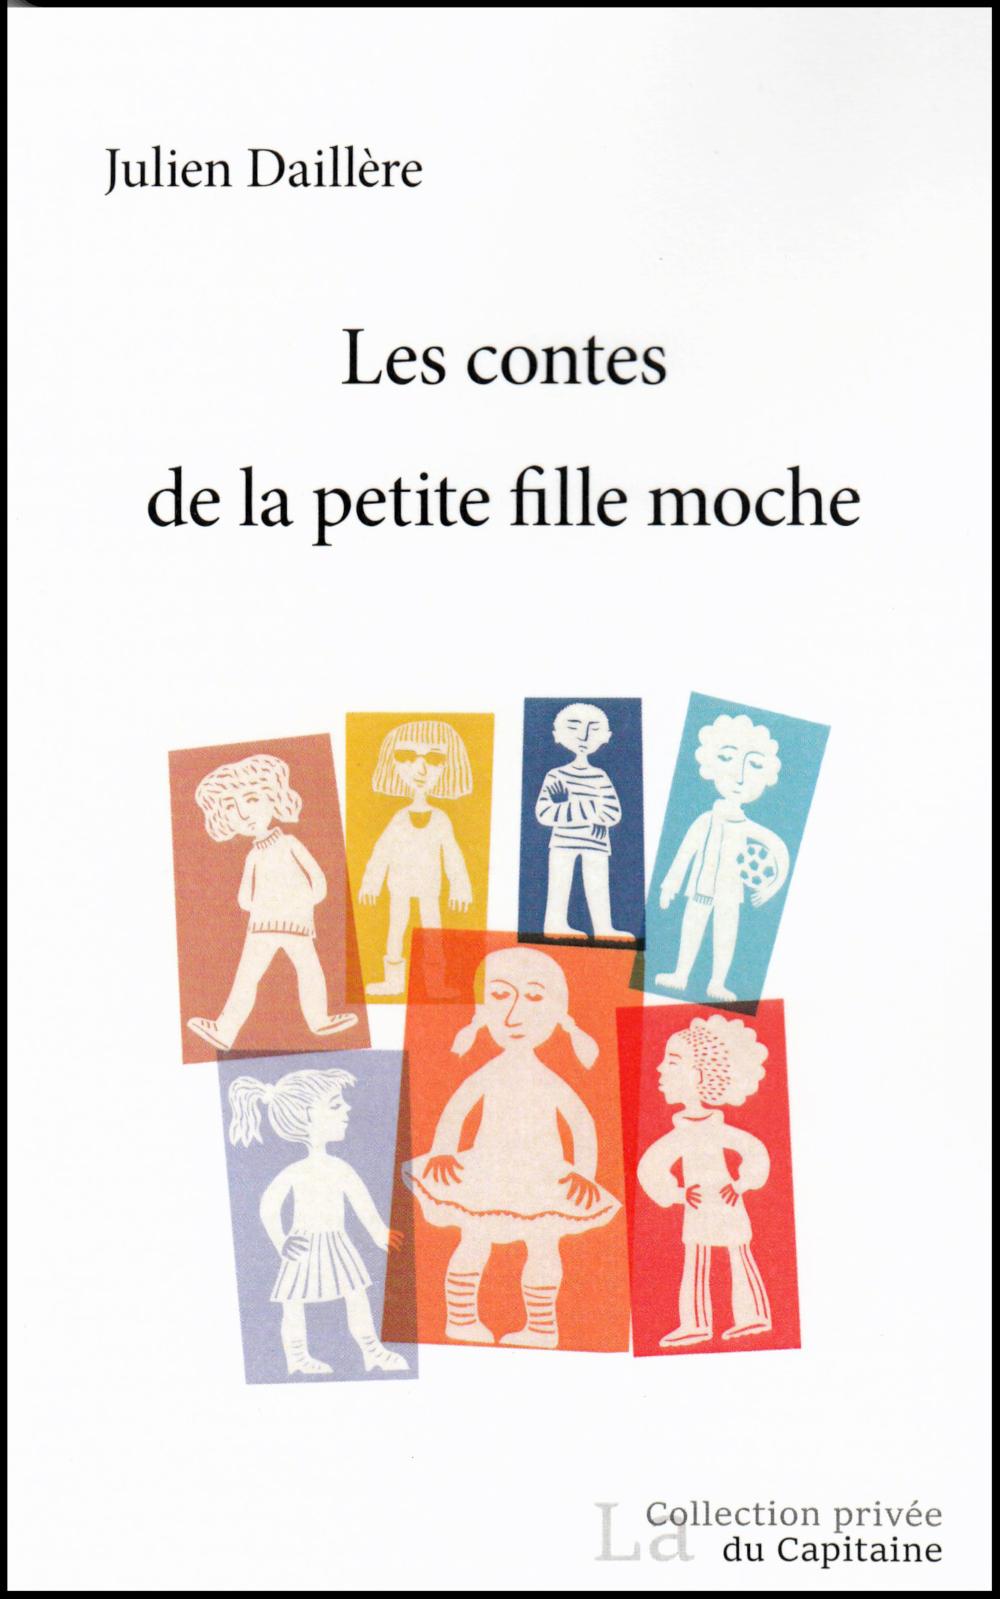 Les contes de la petite fille moche, de Julien Daillère